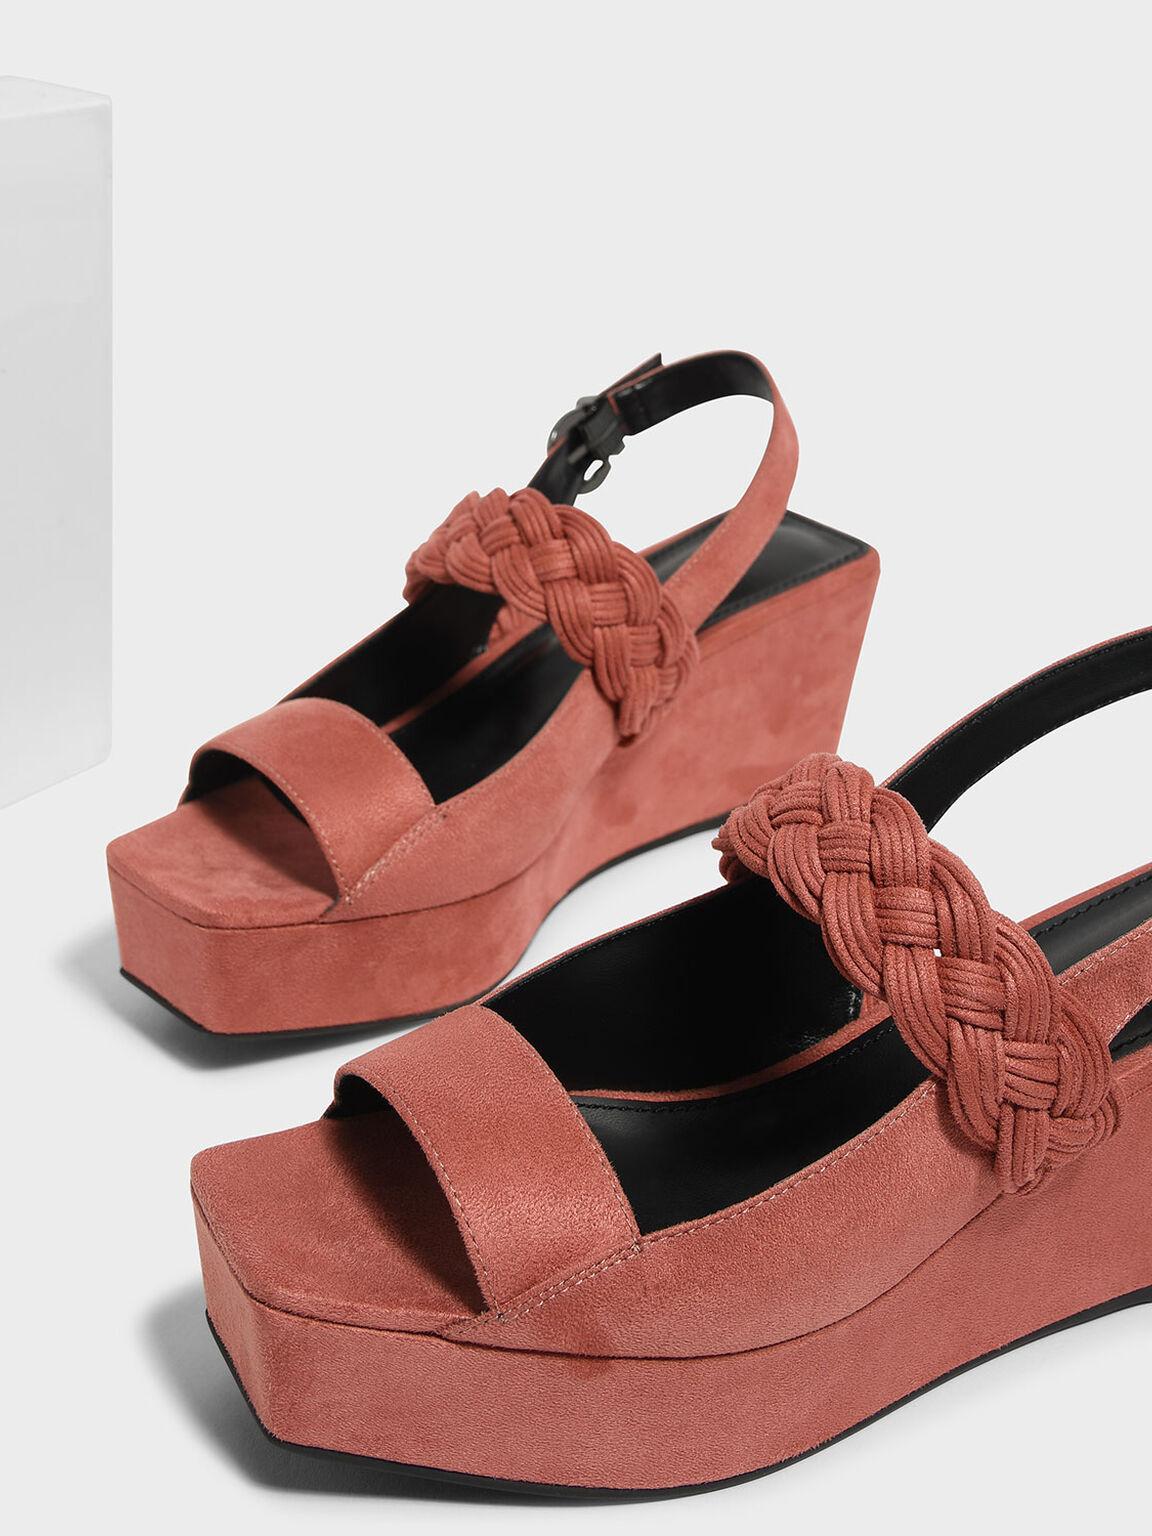 Braid Detail Slingback Wedges, Pink, hi-res